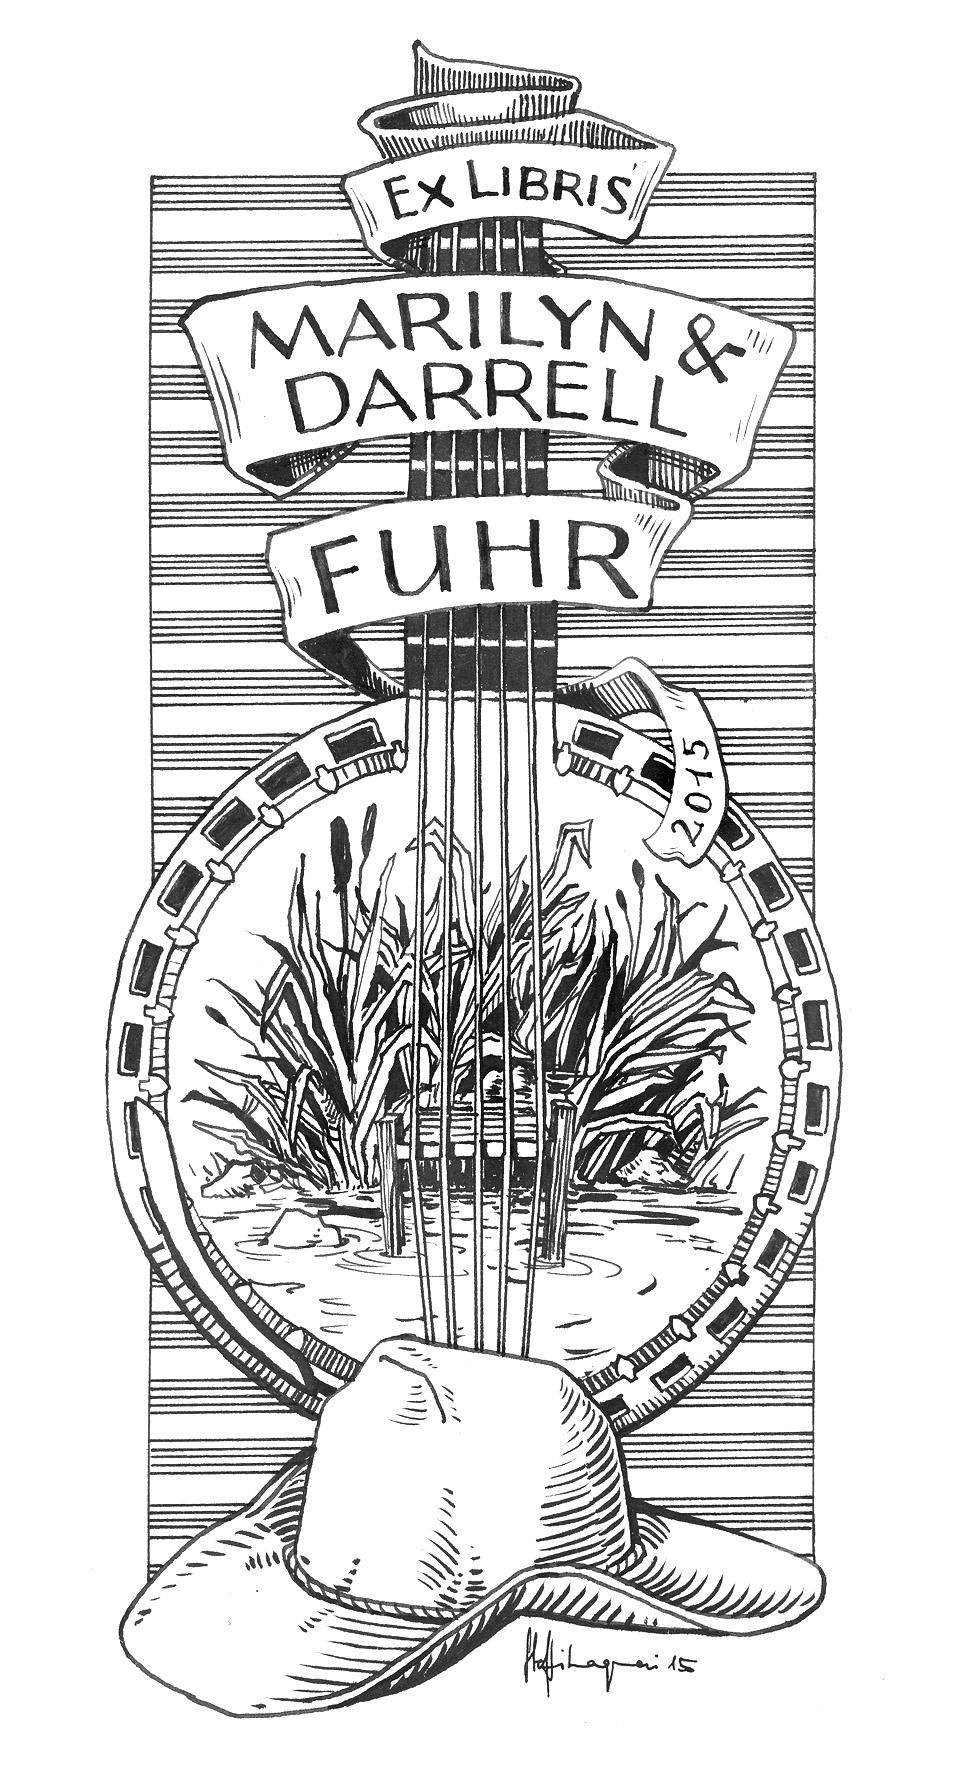 Ex Libris Darrell Fuhr